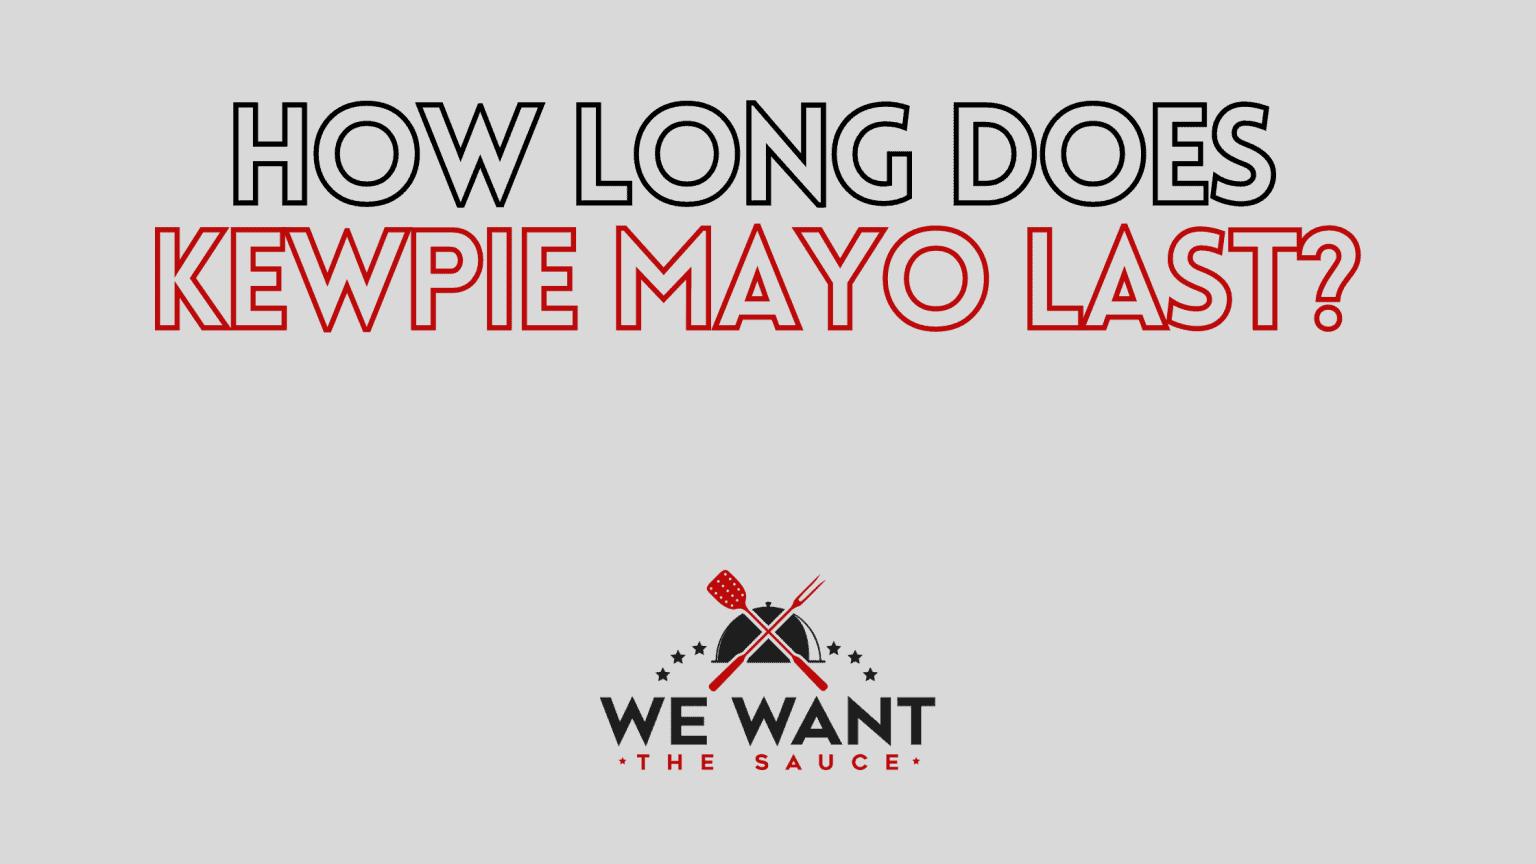 How Long Does Kewpie Mayo Last?